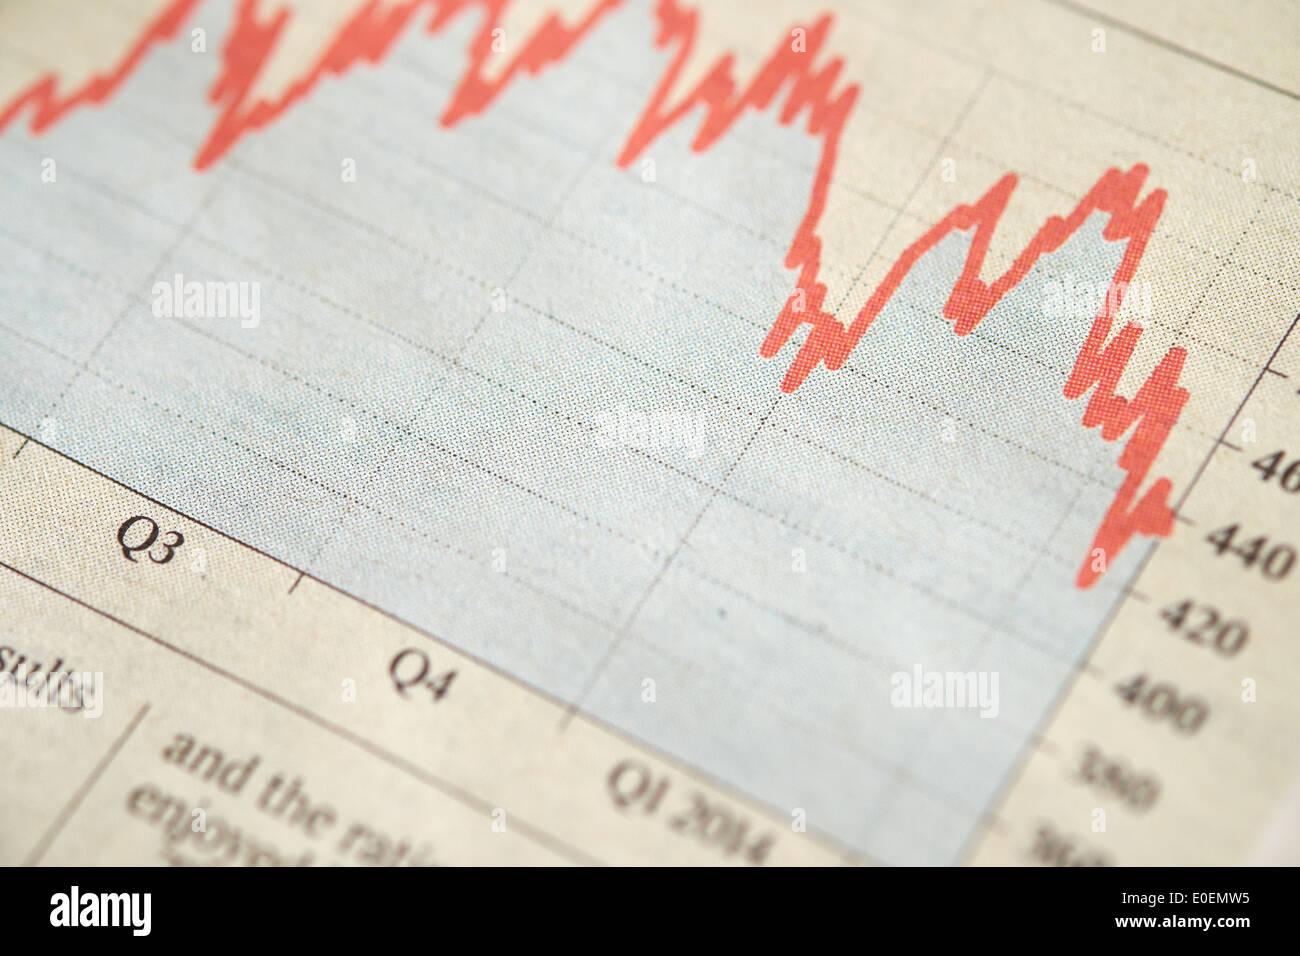 Ein Foto von einer gedruckten finanzielle Daten Diagramm Leistung von Wertpapieren und Aktien. Stockbild